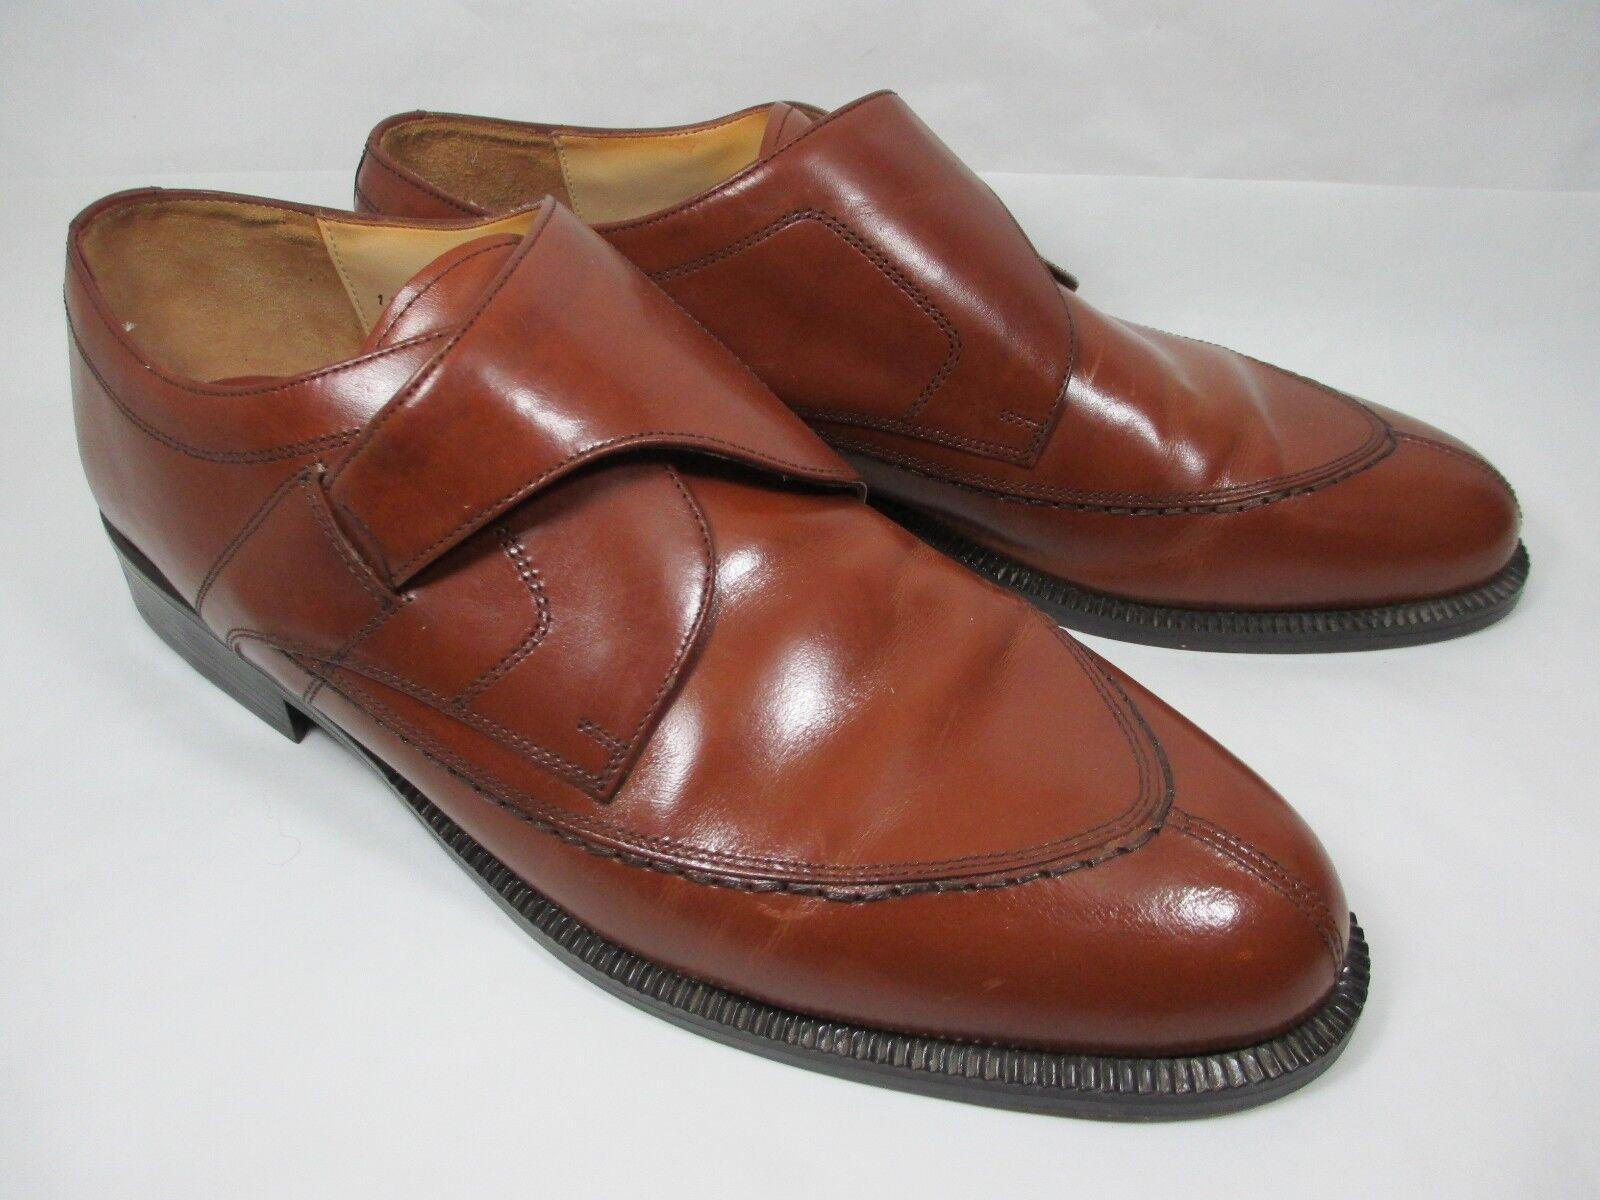 Stanley negroer Italia Correa De Cuero Tostado antideslizante en mocasines para hombres zapatos M